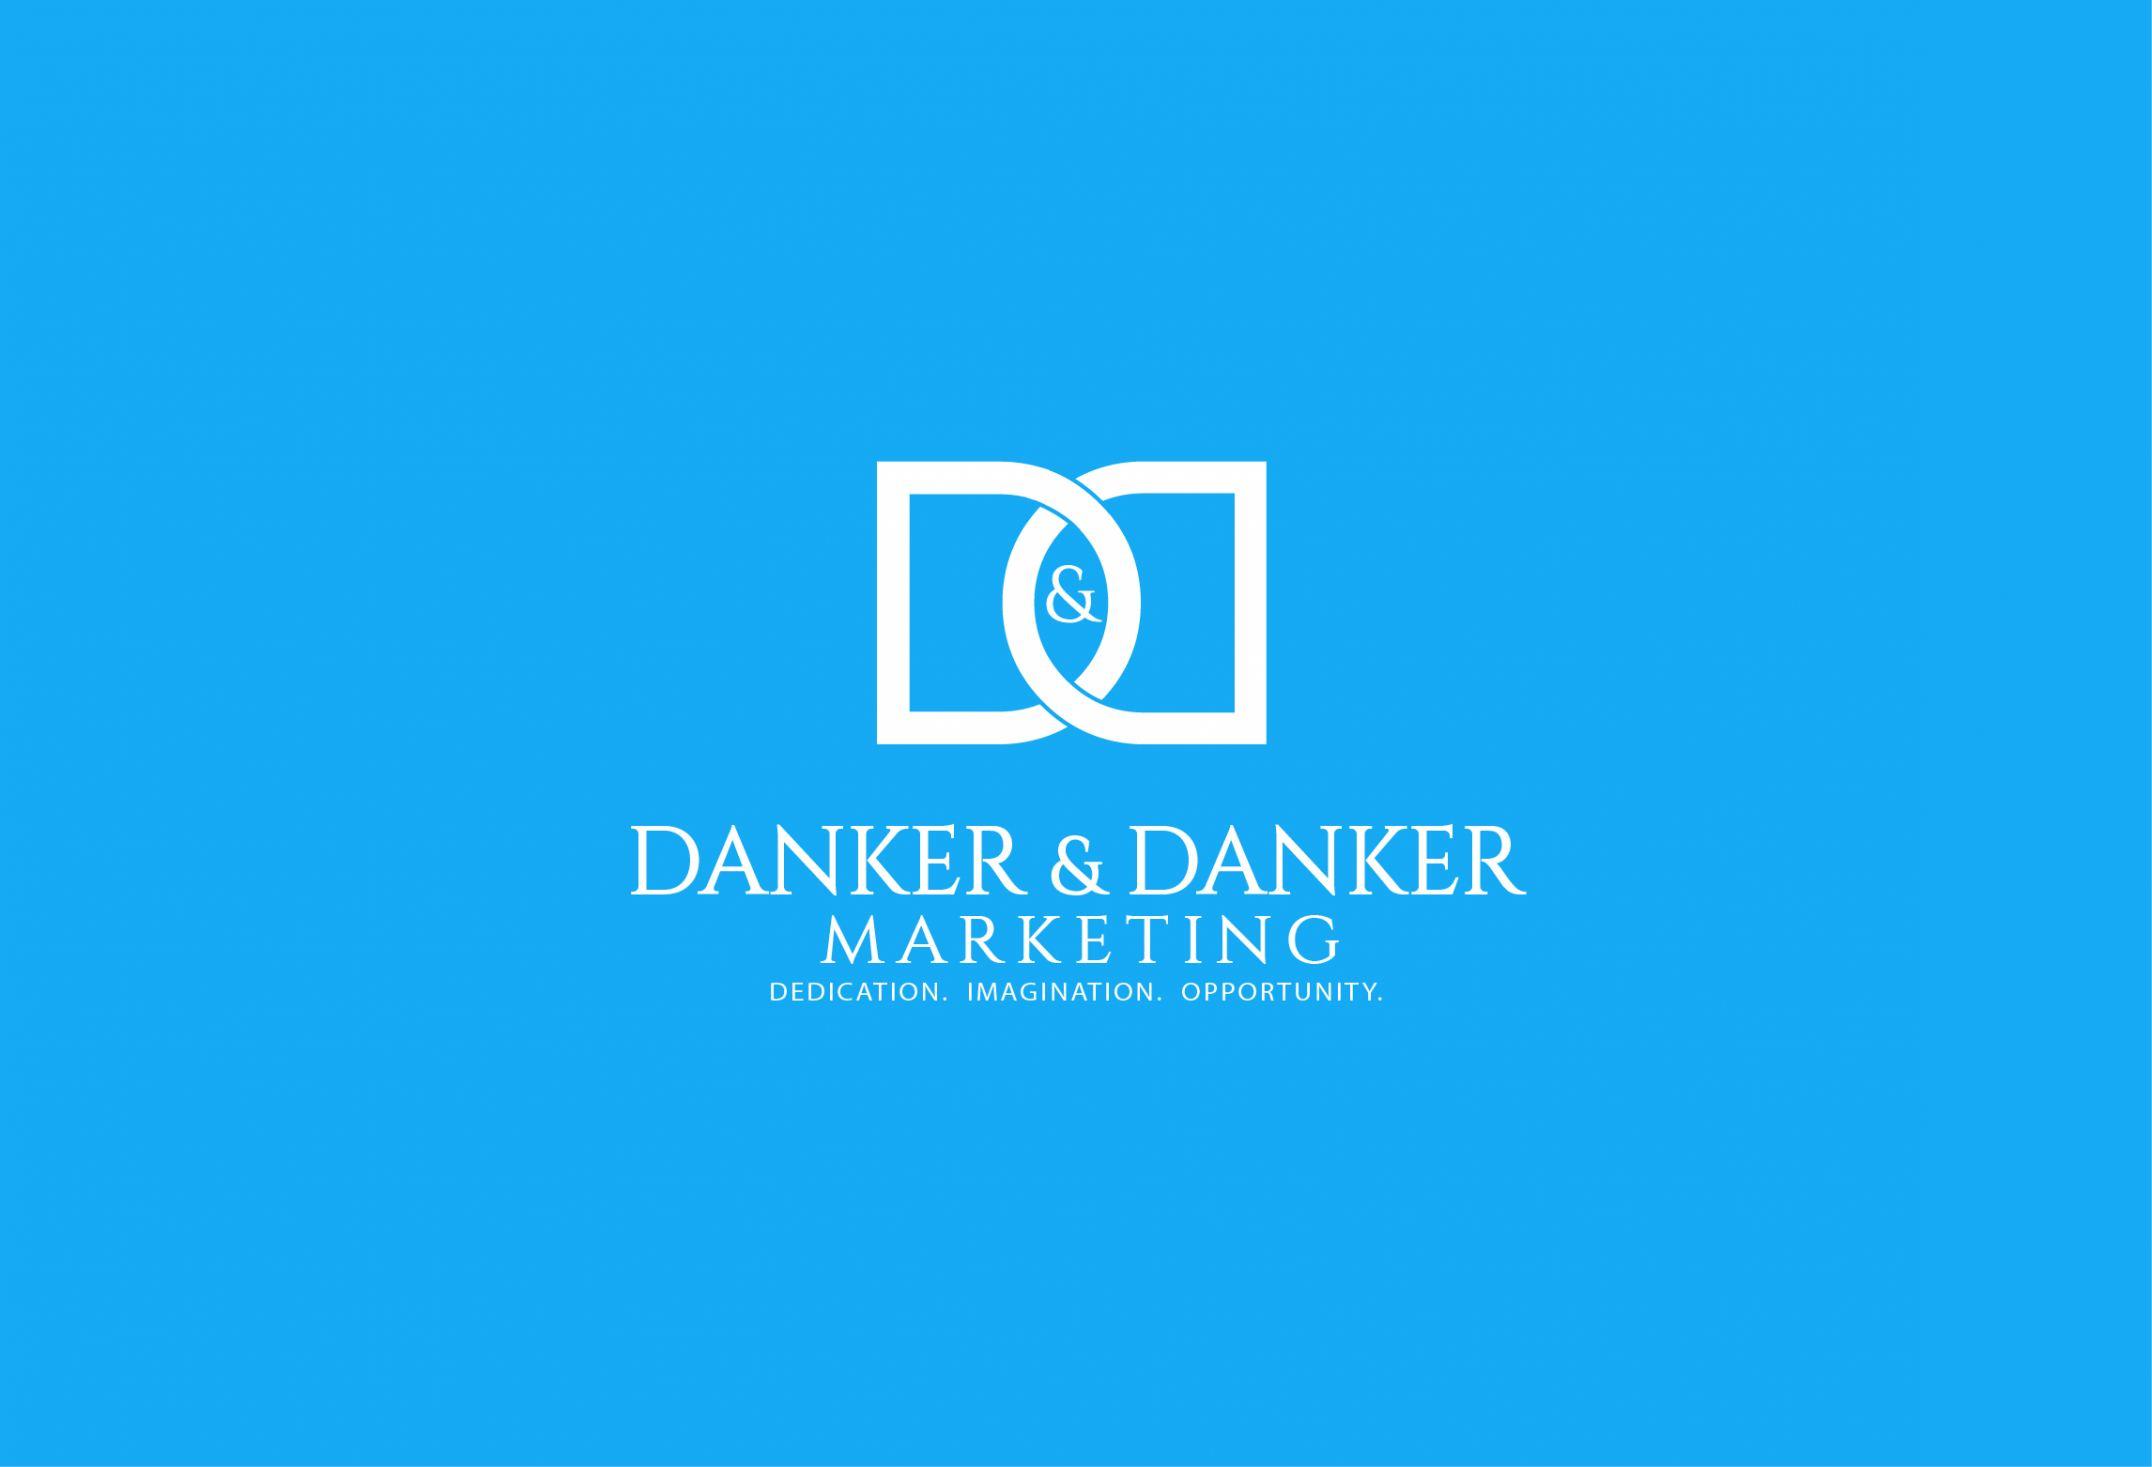 Danker&DankerPR/Marketing Logo